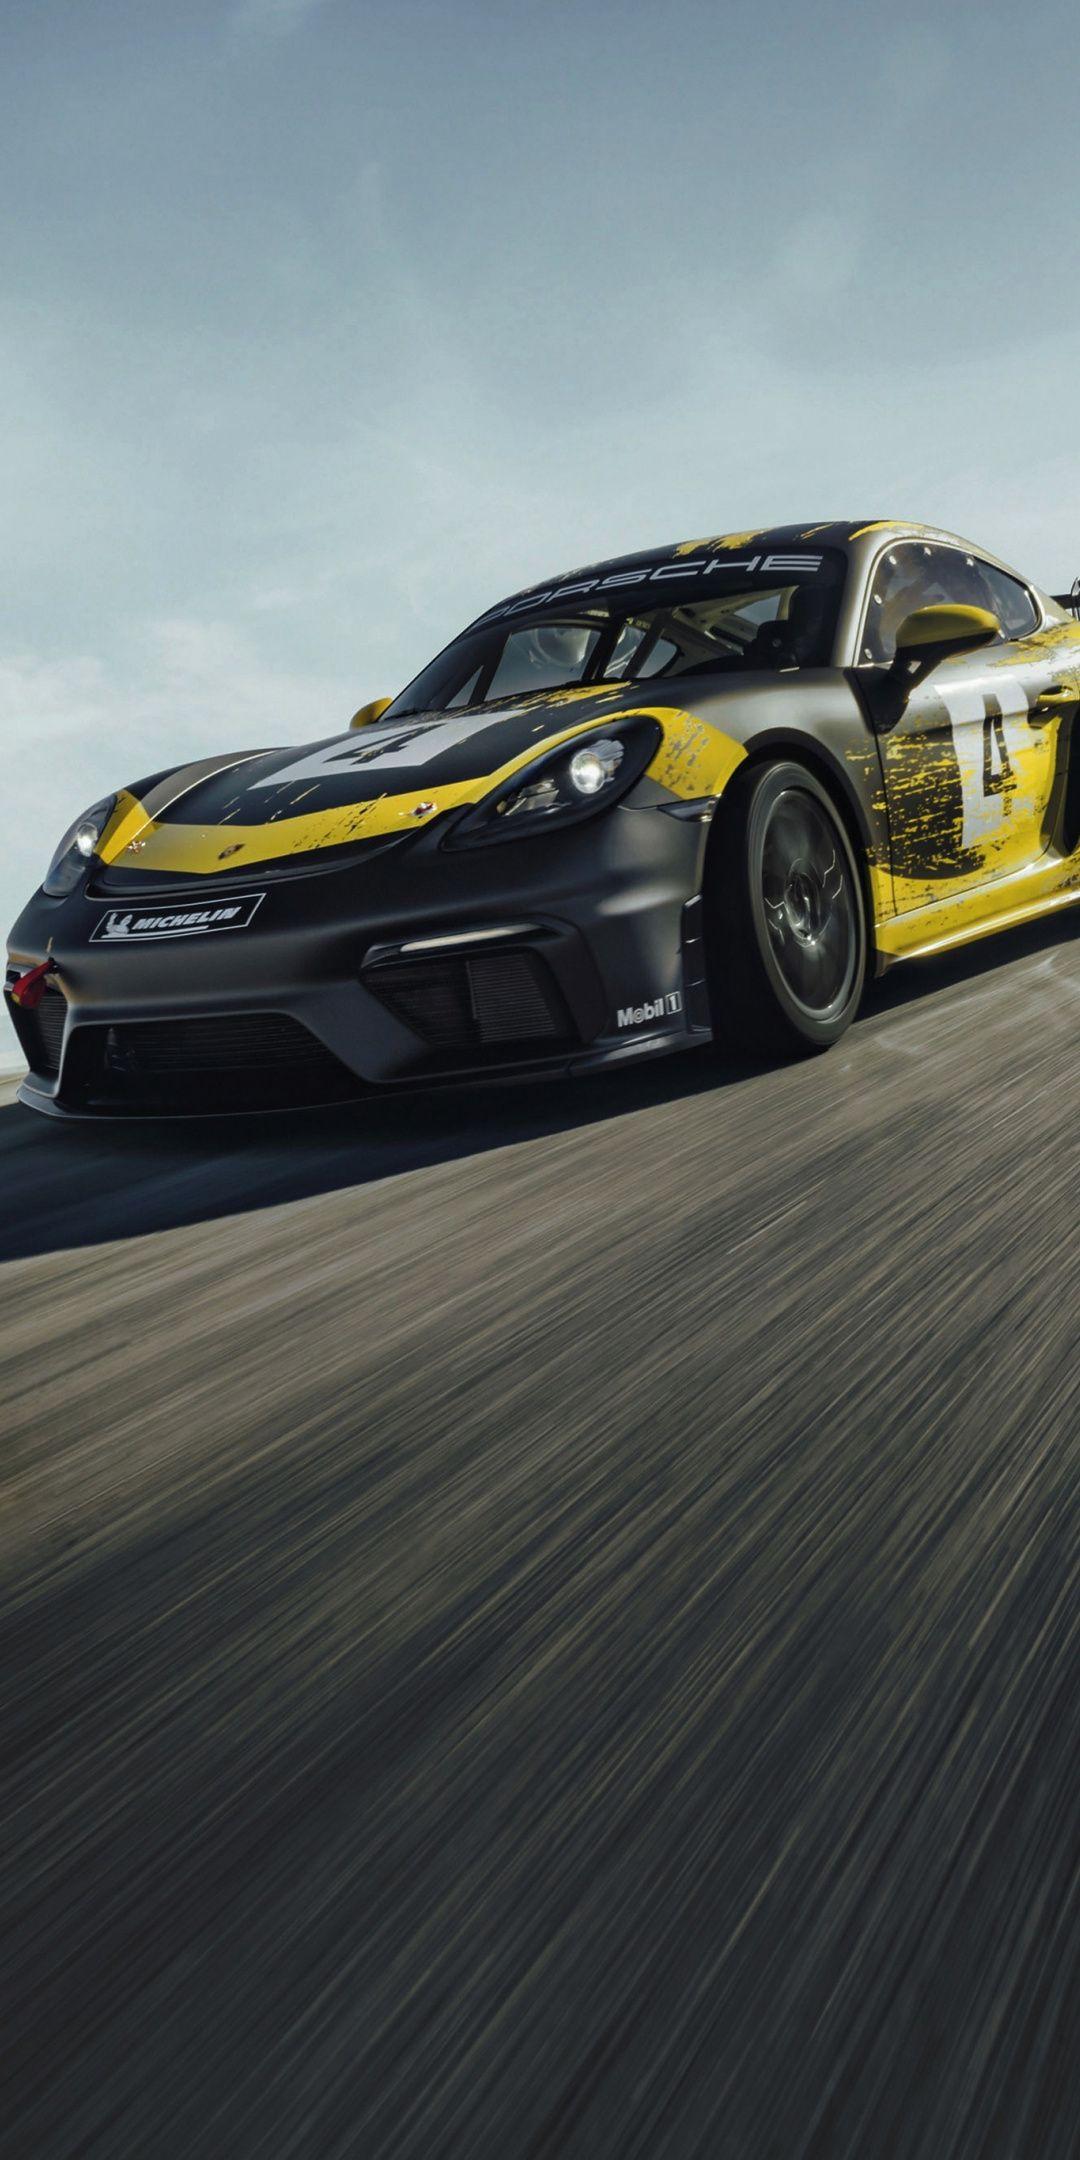 On Track Porsche Cayman Gt4 1080x2160 Wallpaper Porsche 718 Cayman Cayman Gt4 Porsche